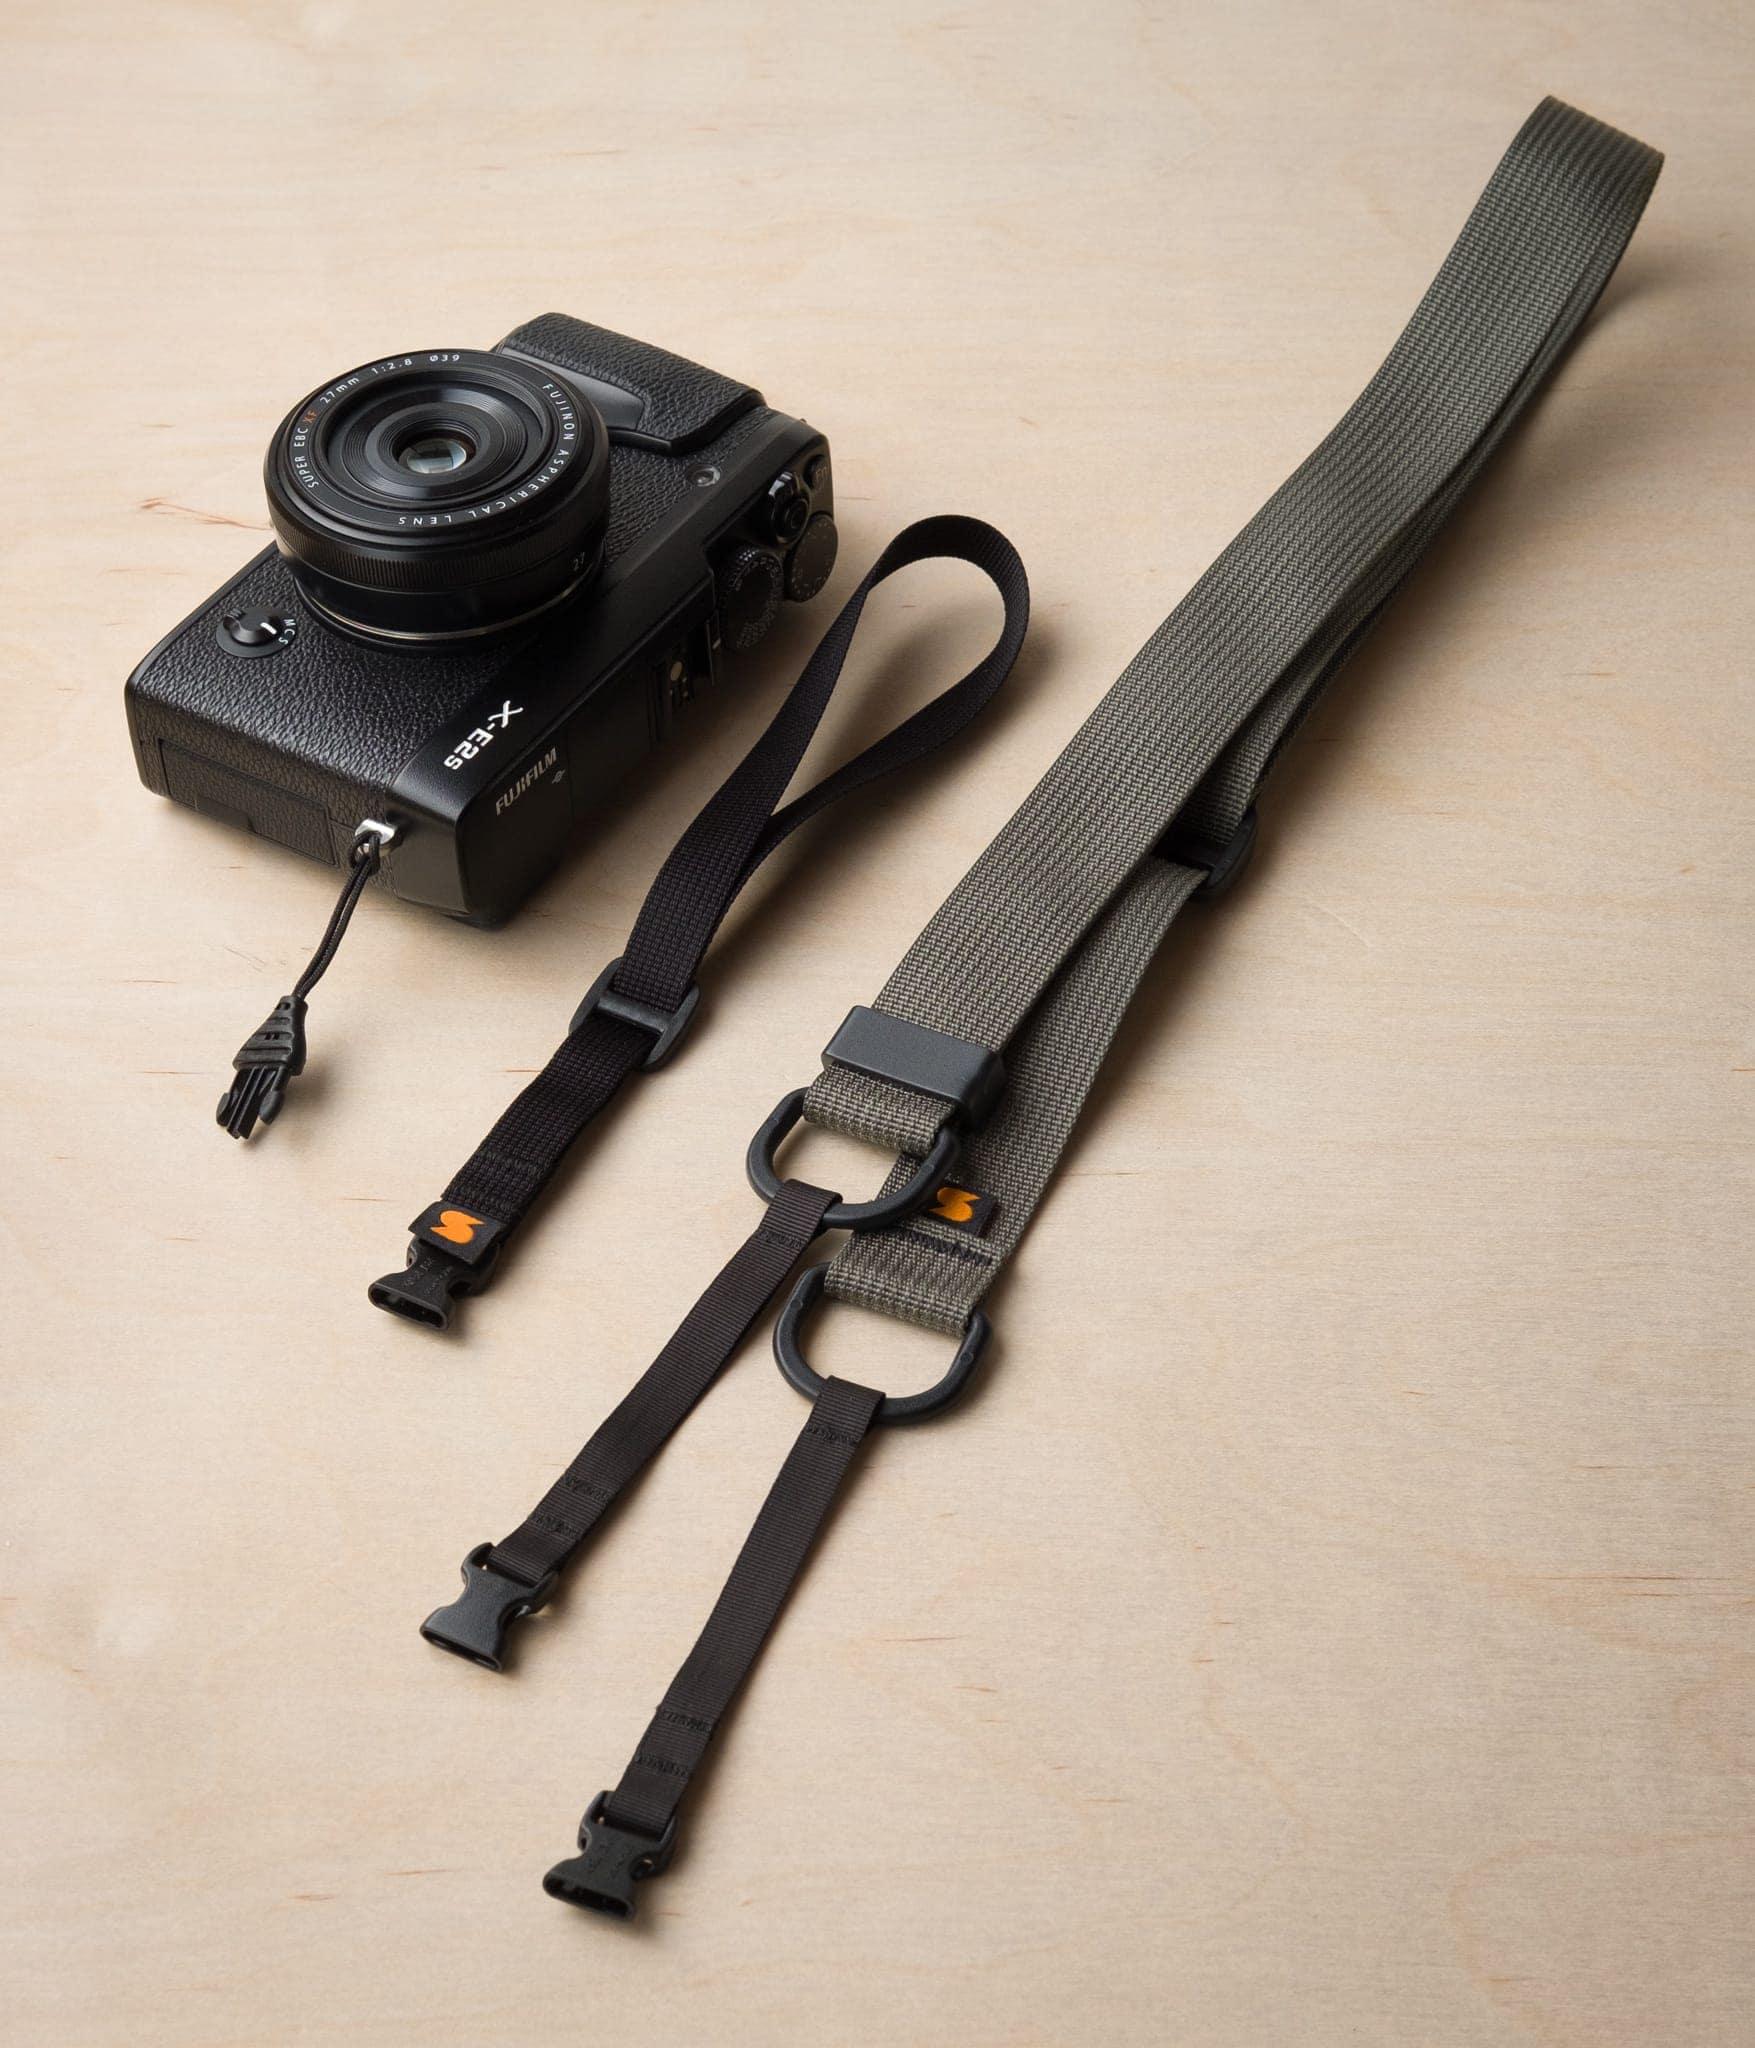 M1 serijos greito atlaisvinimo veidrodinis fotoaparato dirželis